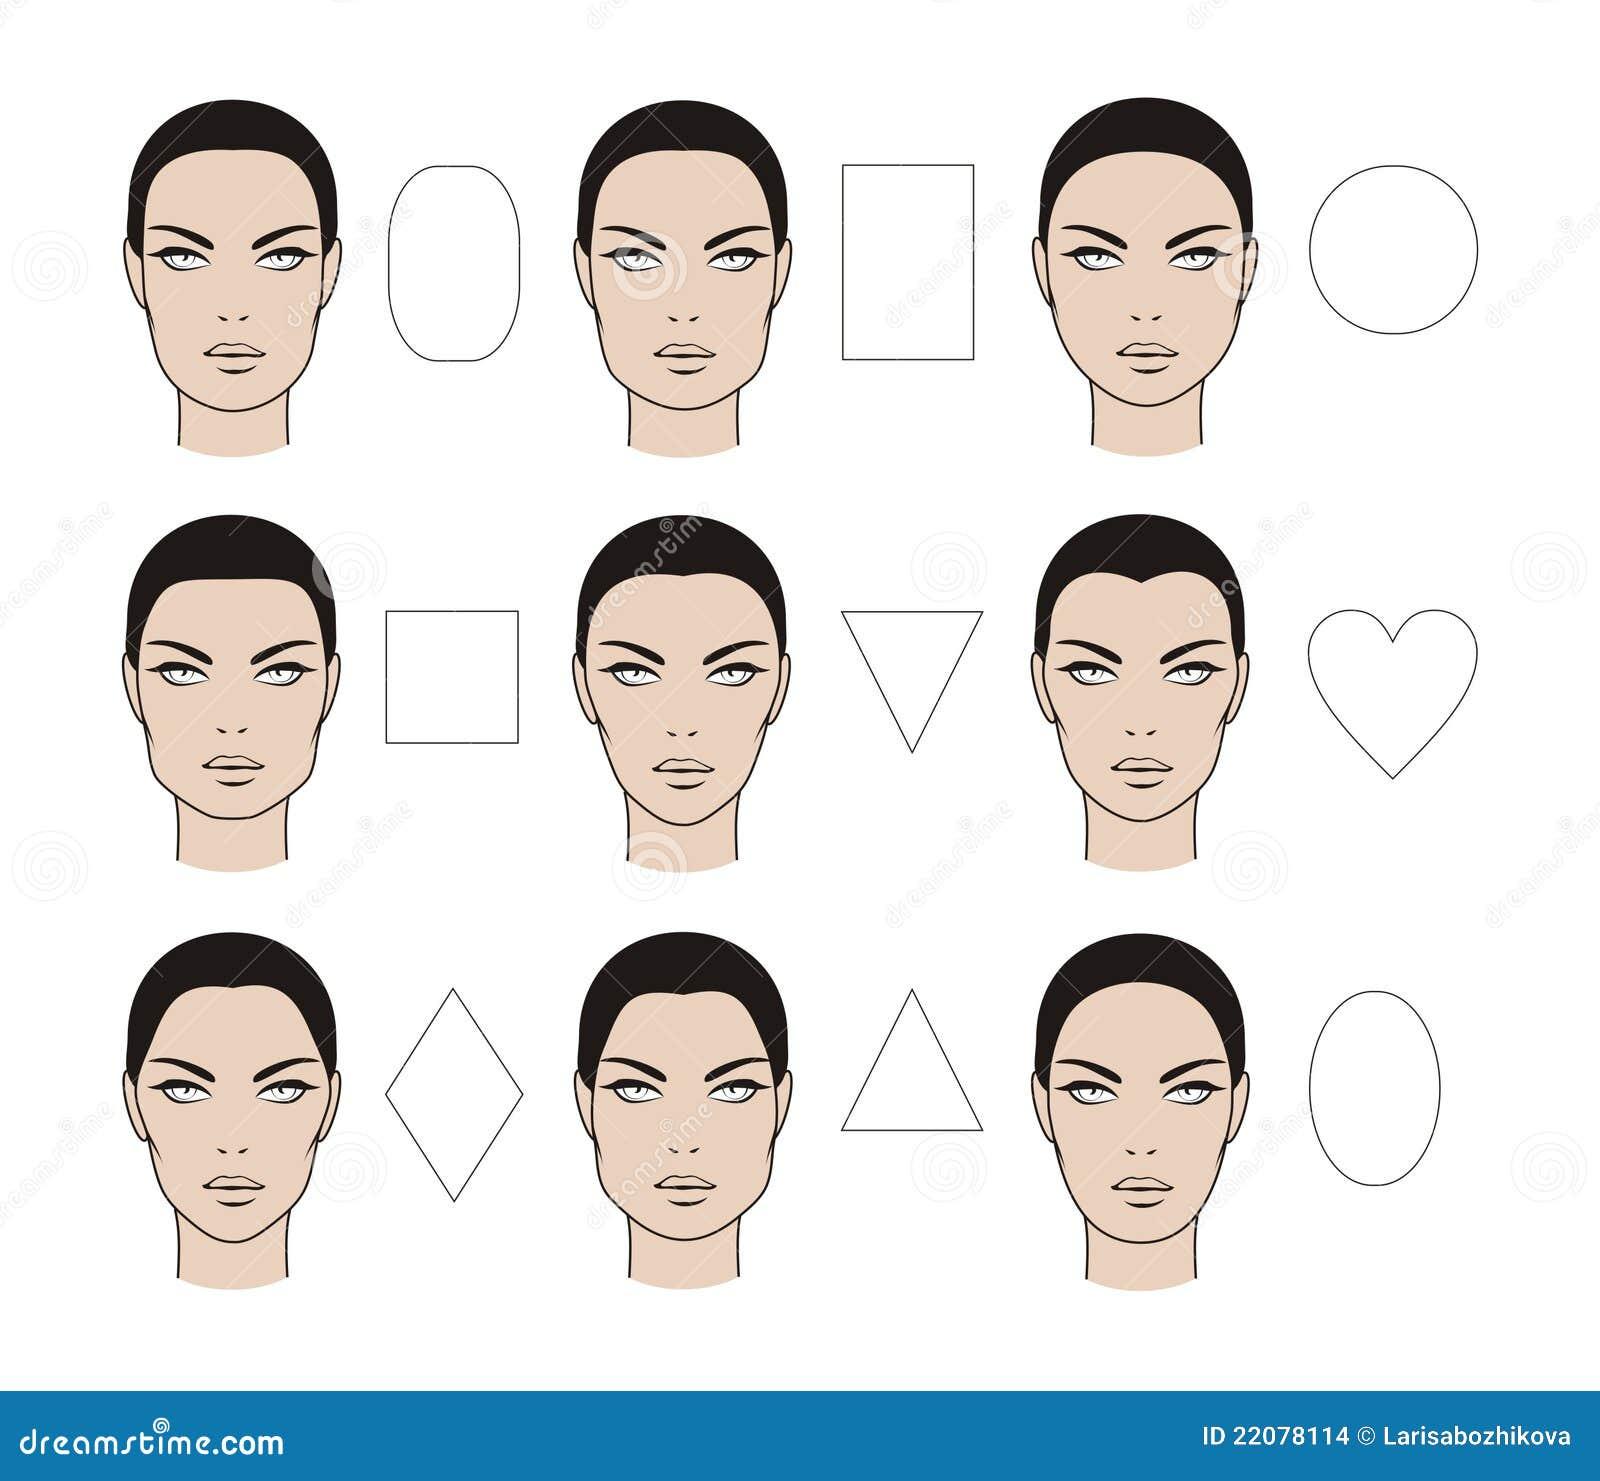 De types van gezichten